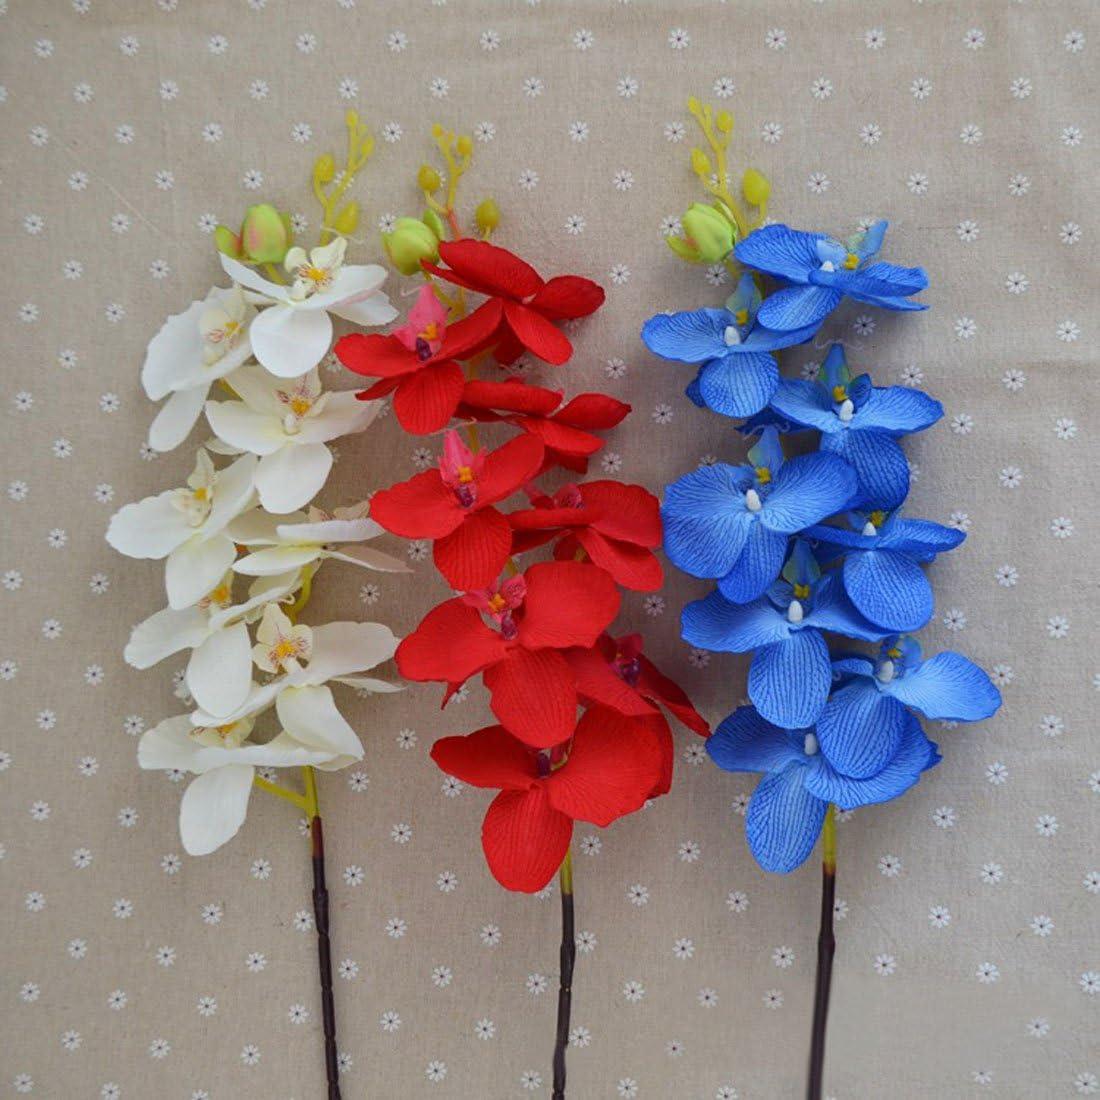 8/t/êtes de fleur//pcs 100 cm rose Calcifer 10/pcs 100/cm artificielle Soie Phalaenopsis Orchid/ée Tige bouquets Fleurs Artificielles pour f/ête de mariage Maison D/écoration de jardin